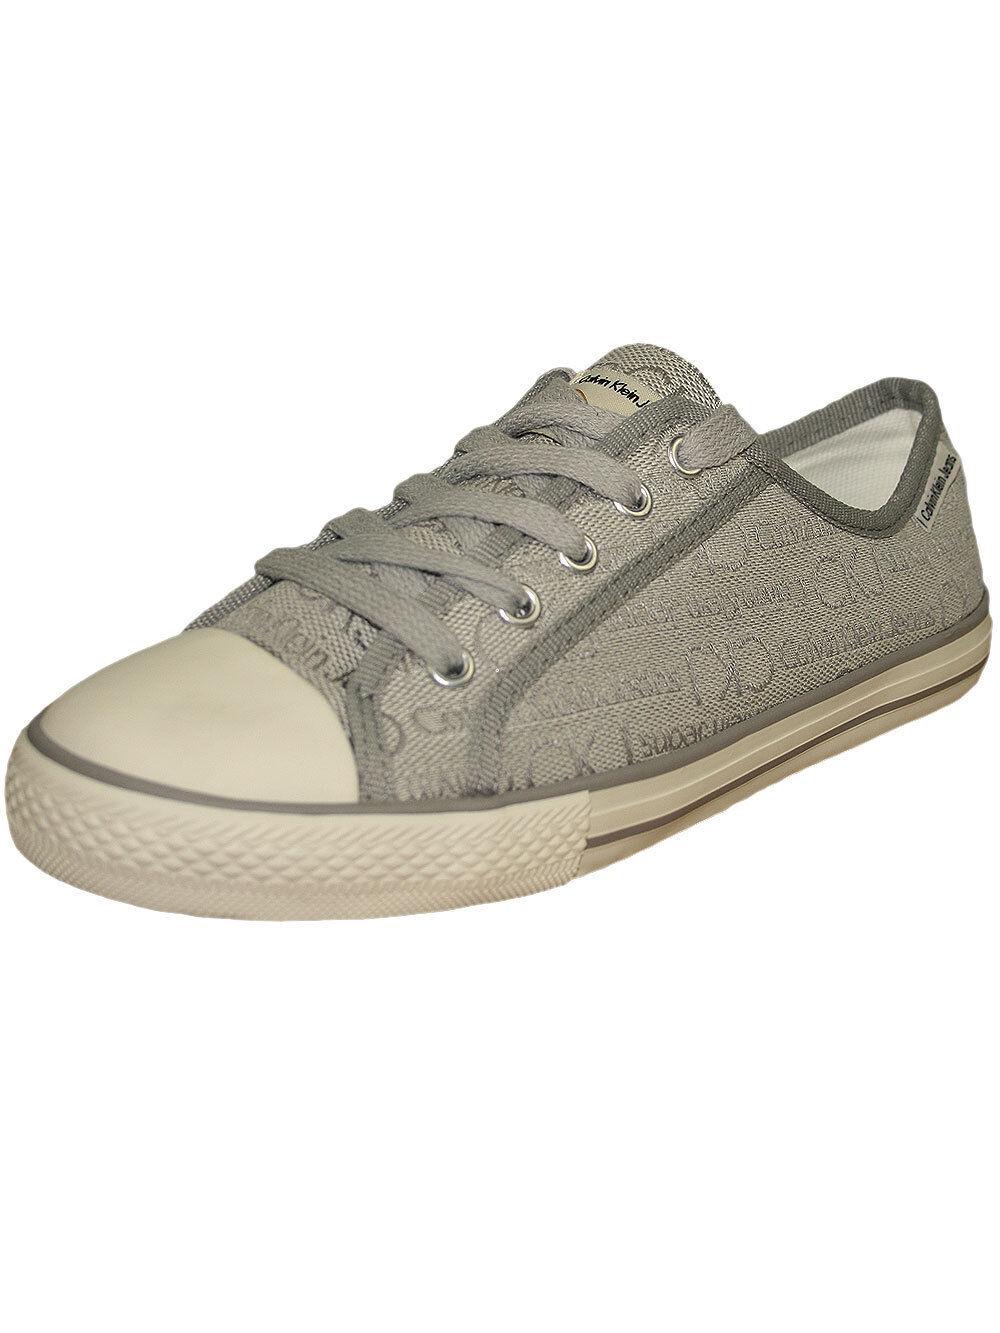 Calvin Klein Jeans Damen Sneaker Schuhe *Wylie* in Ivory Grau Neu+OVP!